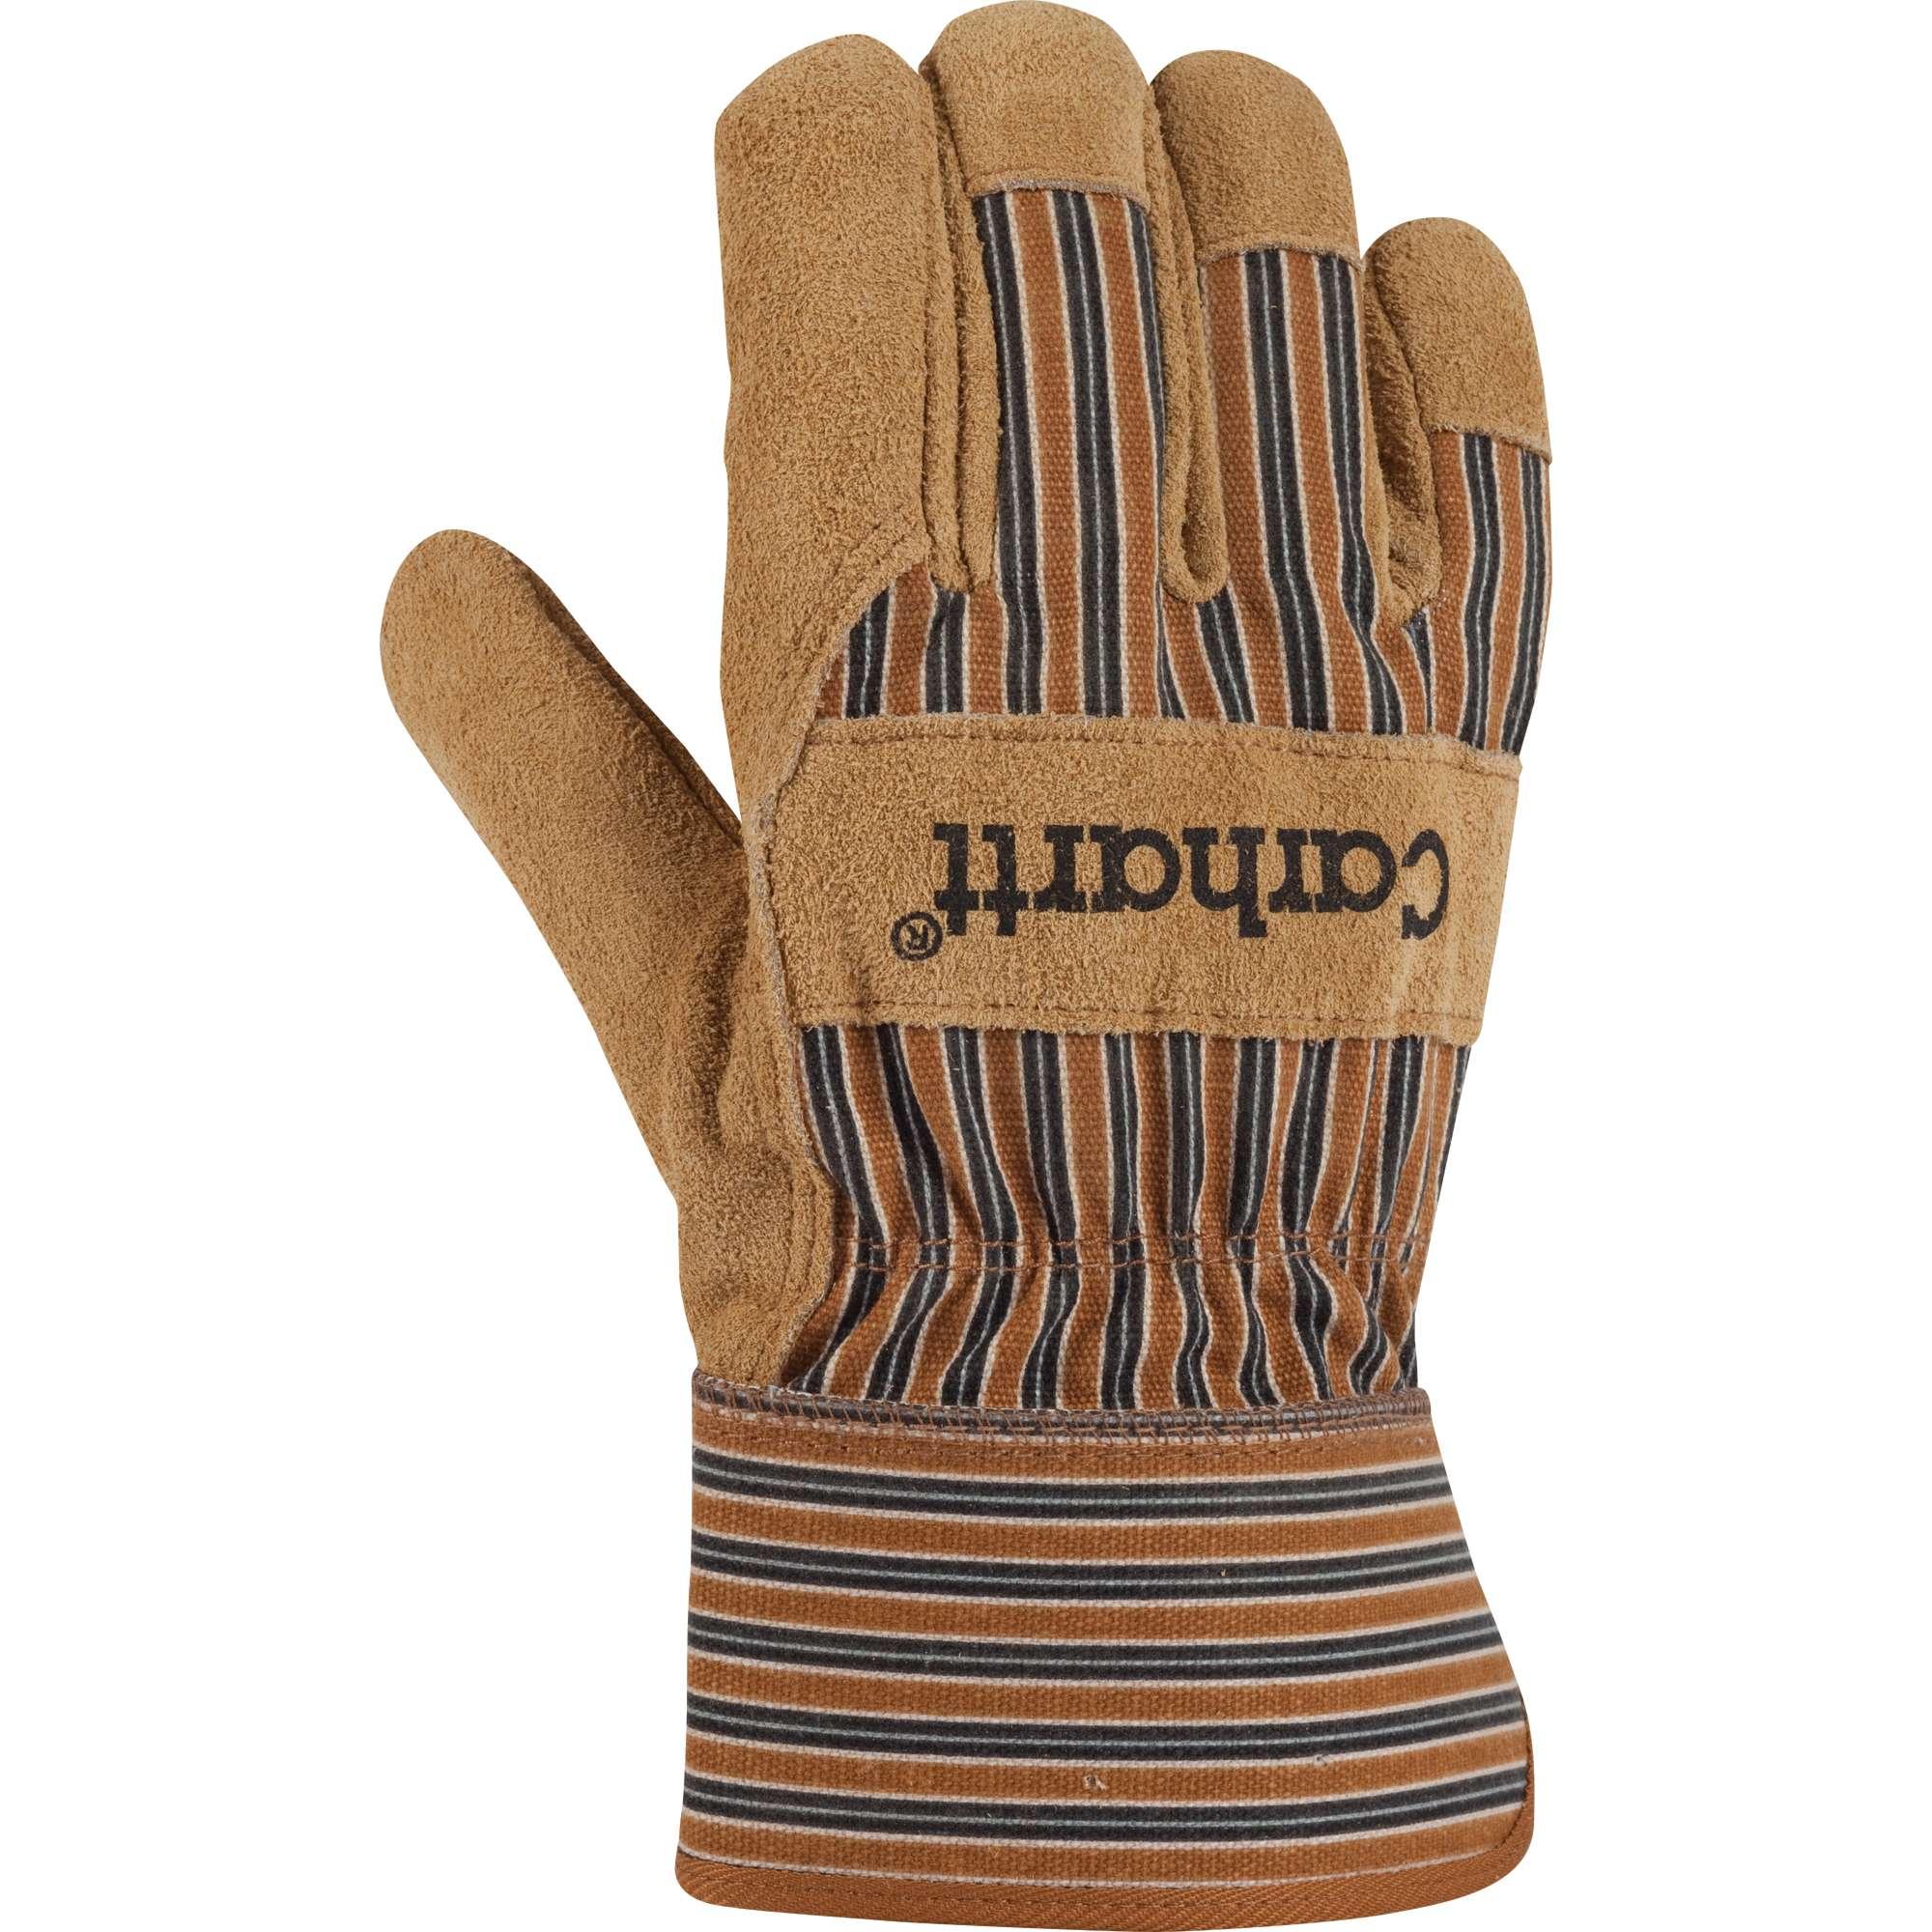 Carhartt Insulated Suede Safety Cuff Work Glove